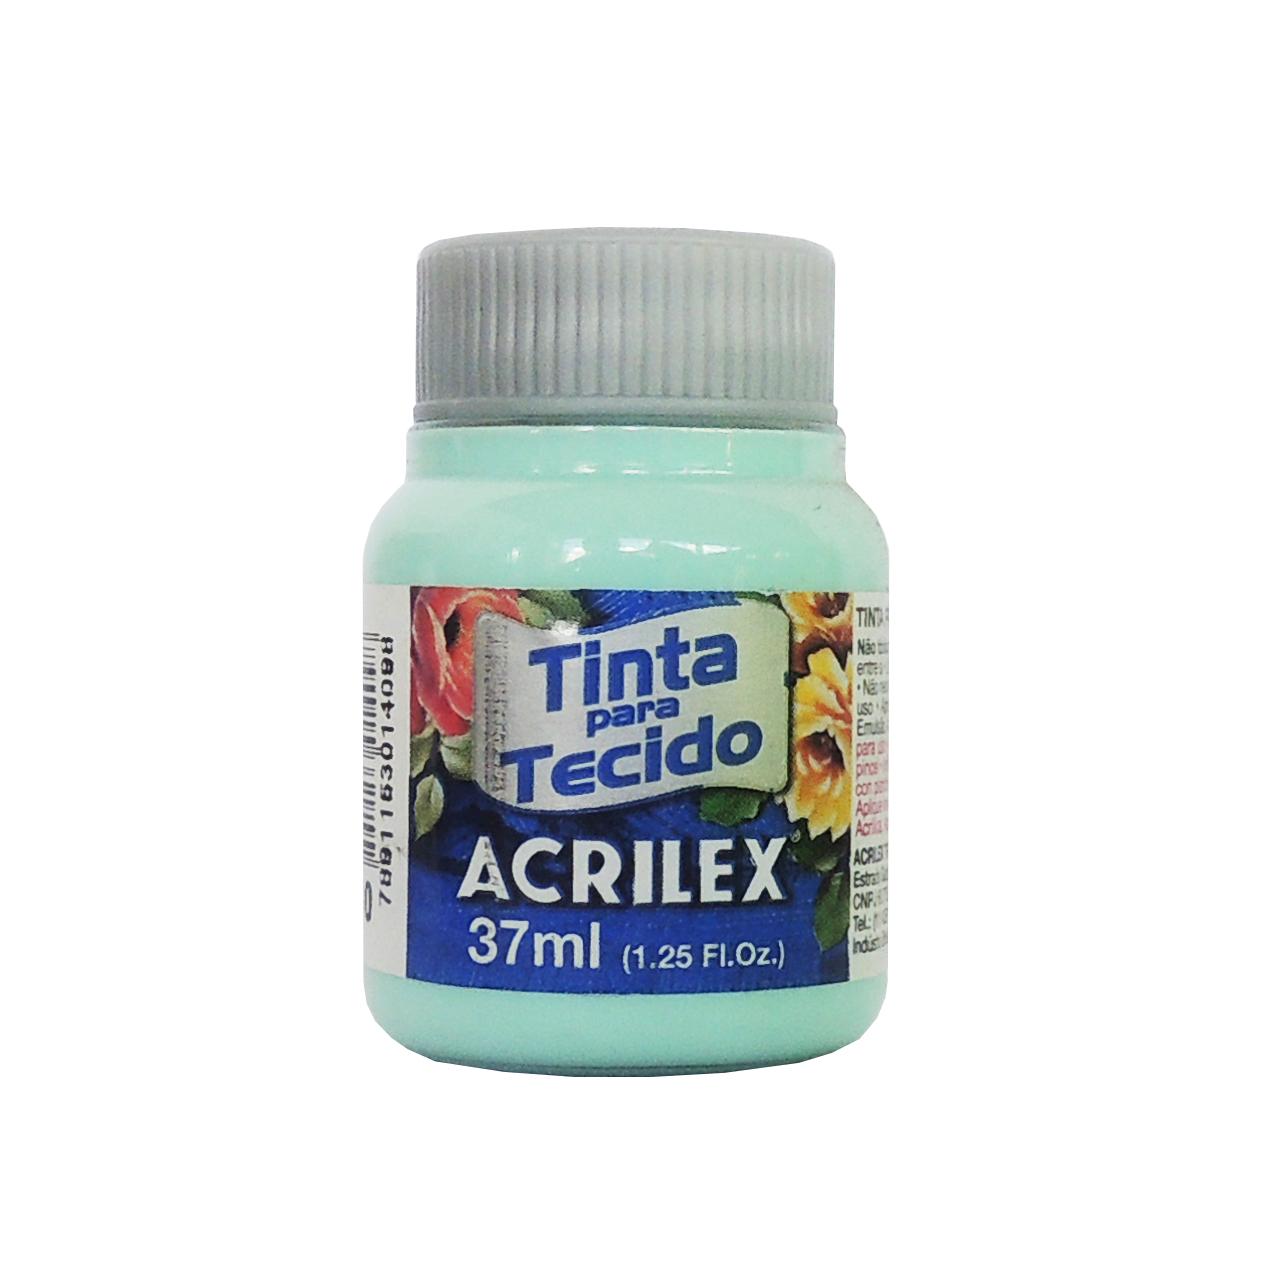 tinta-para-tecido-acrilex-37ml-810-verde-bebe